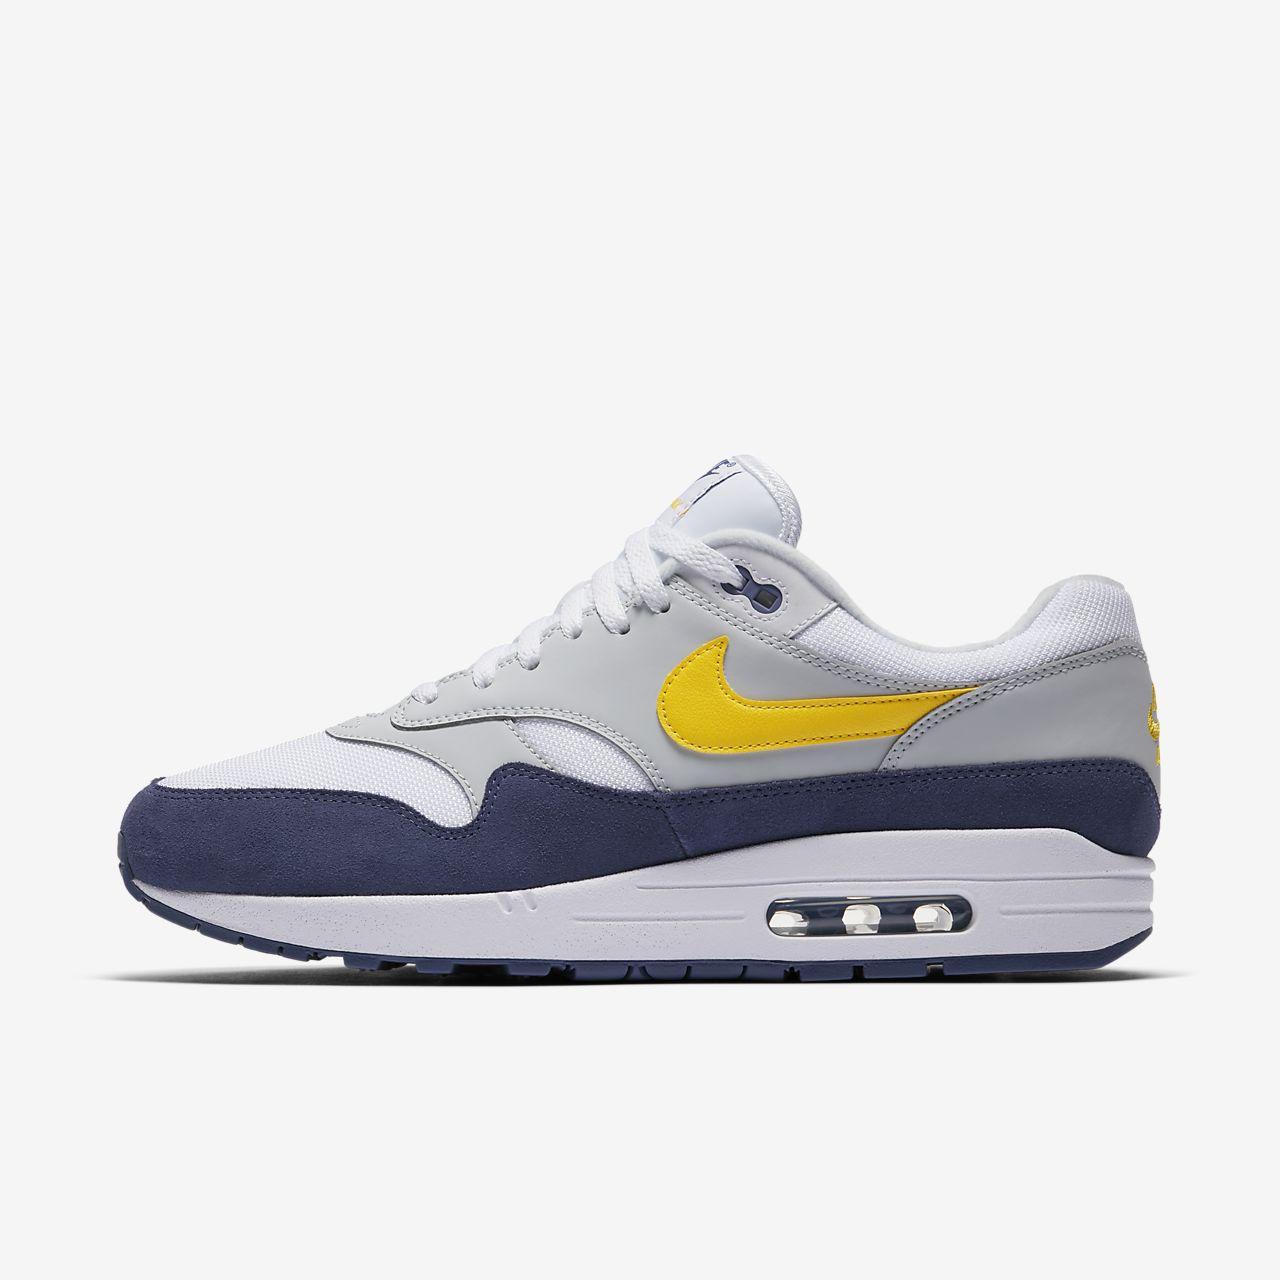 ... Nike Air Max 1 Men's Shoe